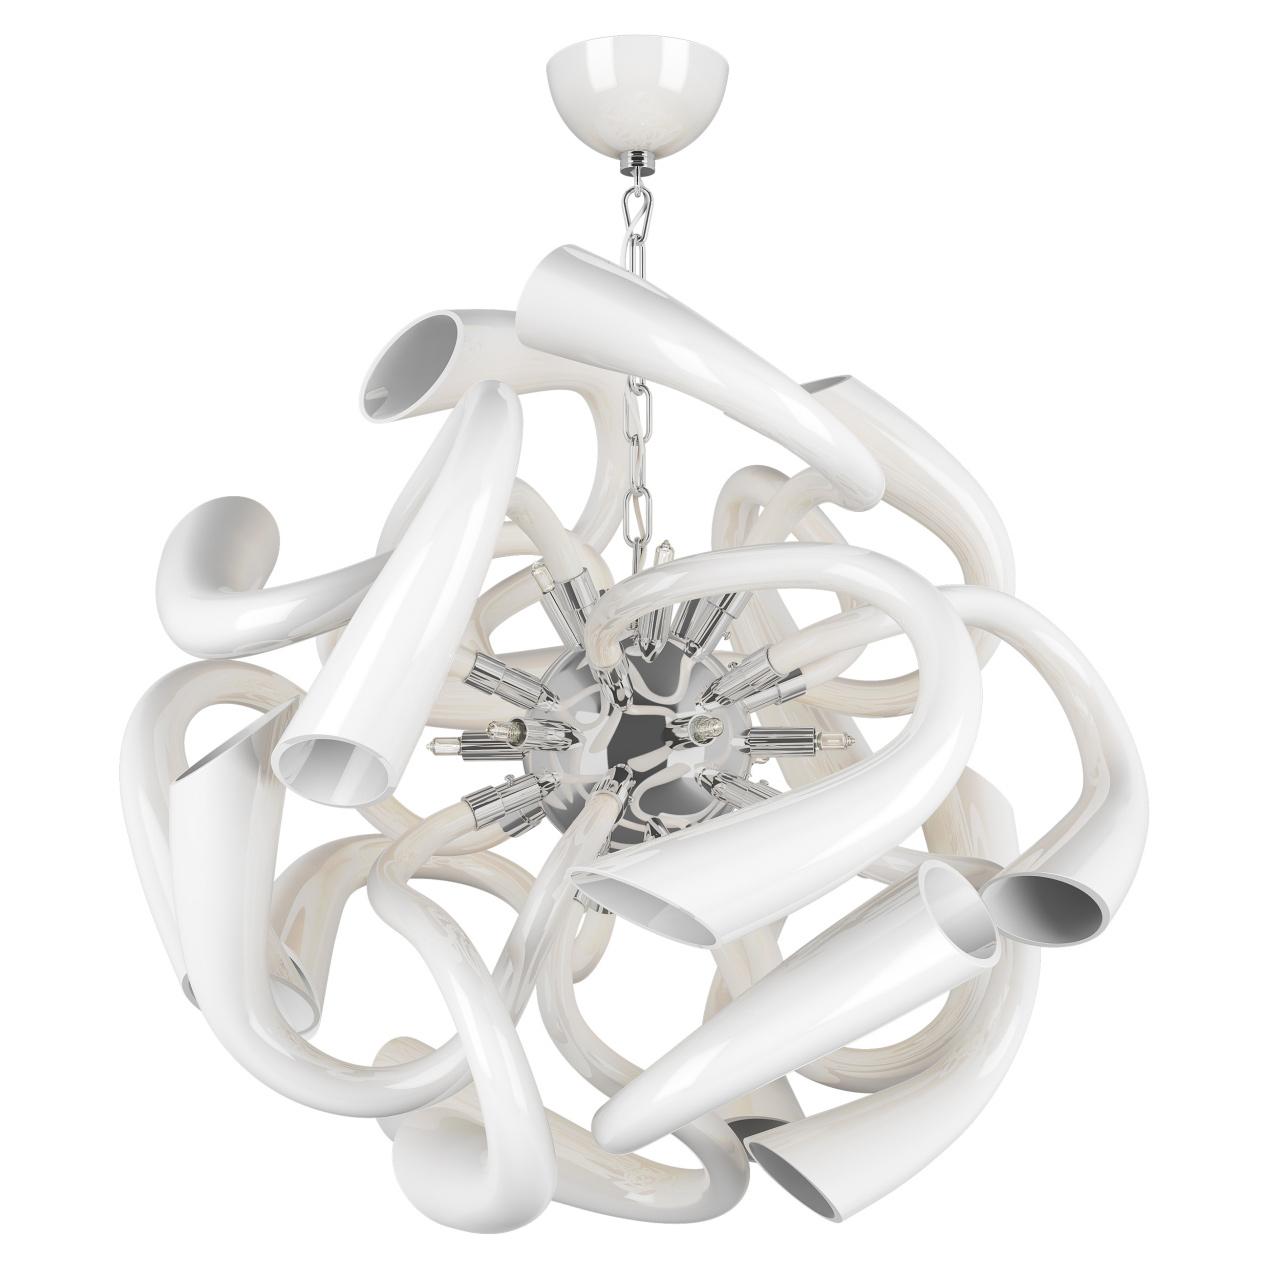 Люстра подвесная Stella 12х6W (Led) G9 белый Lightstar 892126